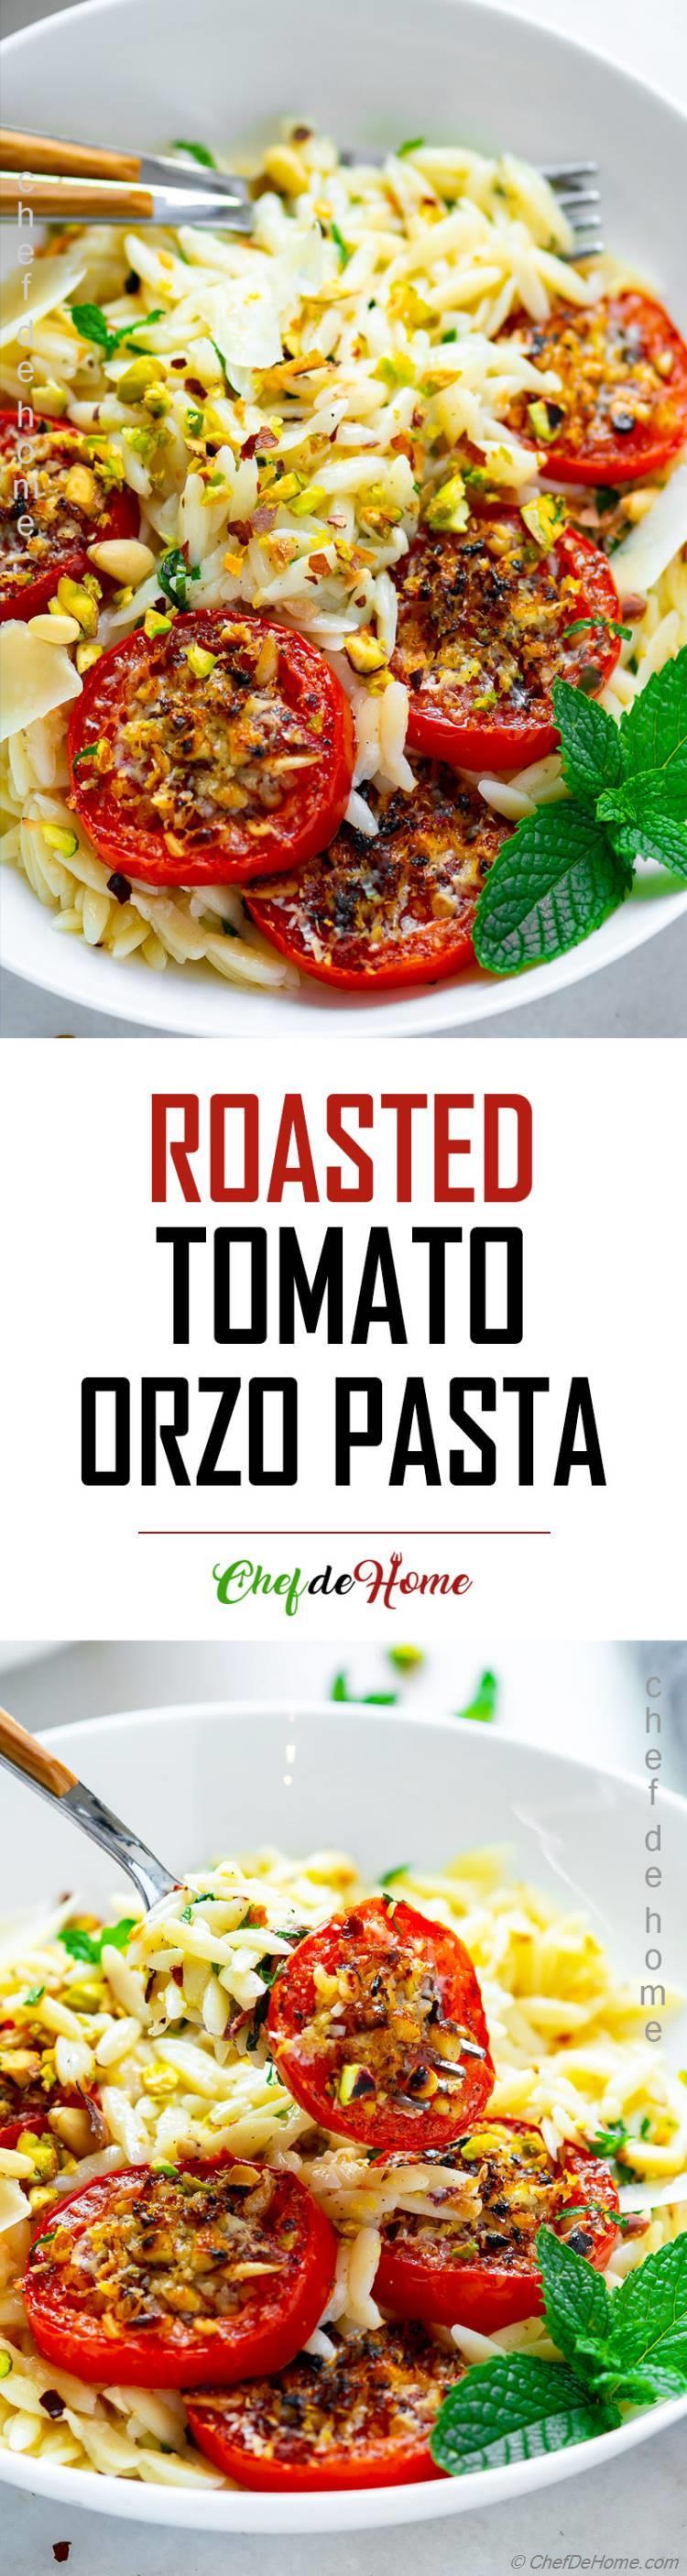 Orzo Pasta Recipe